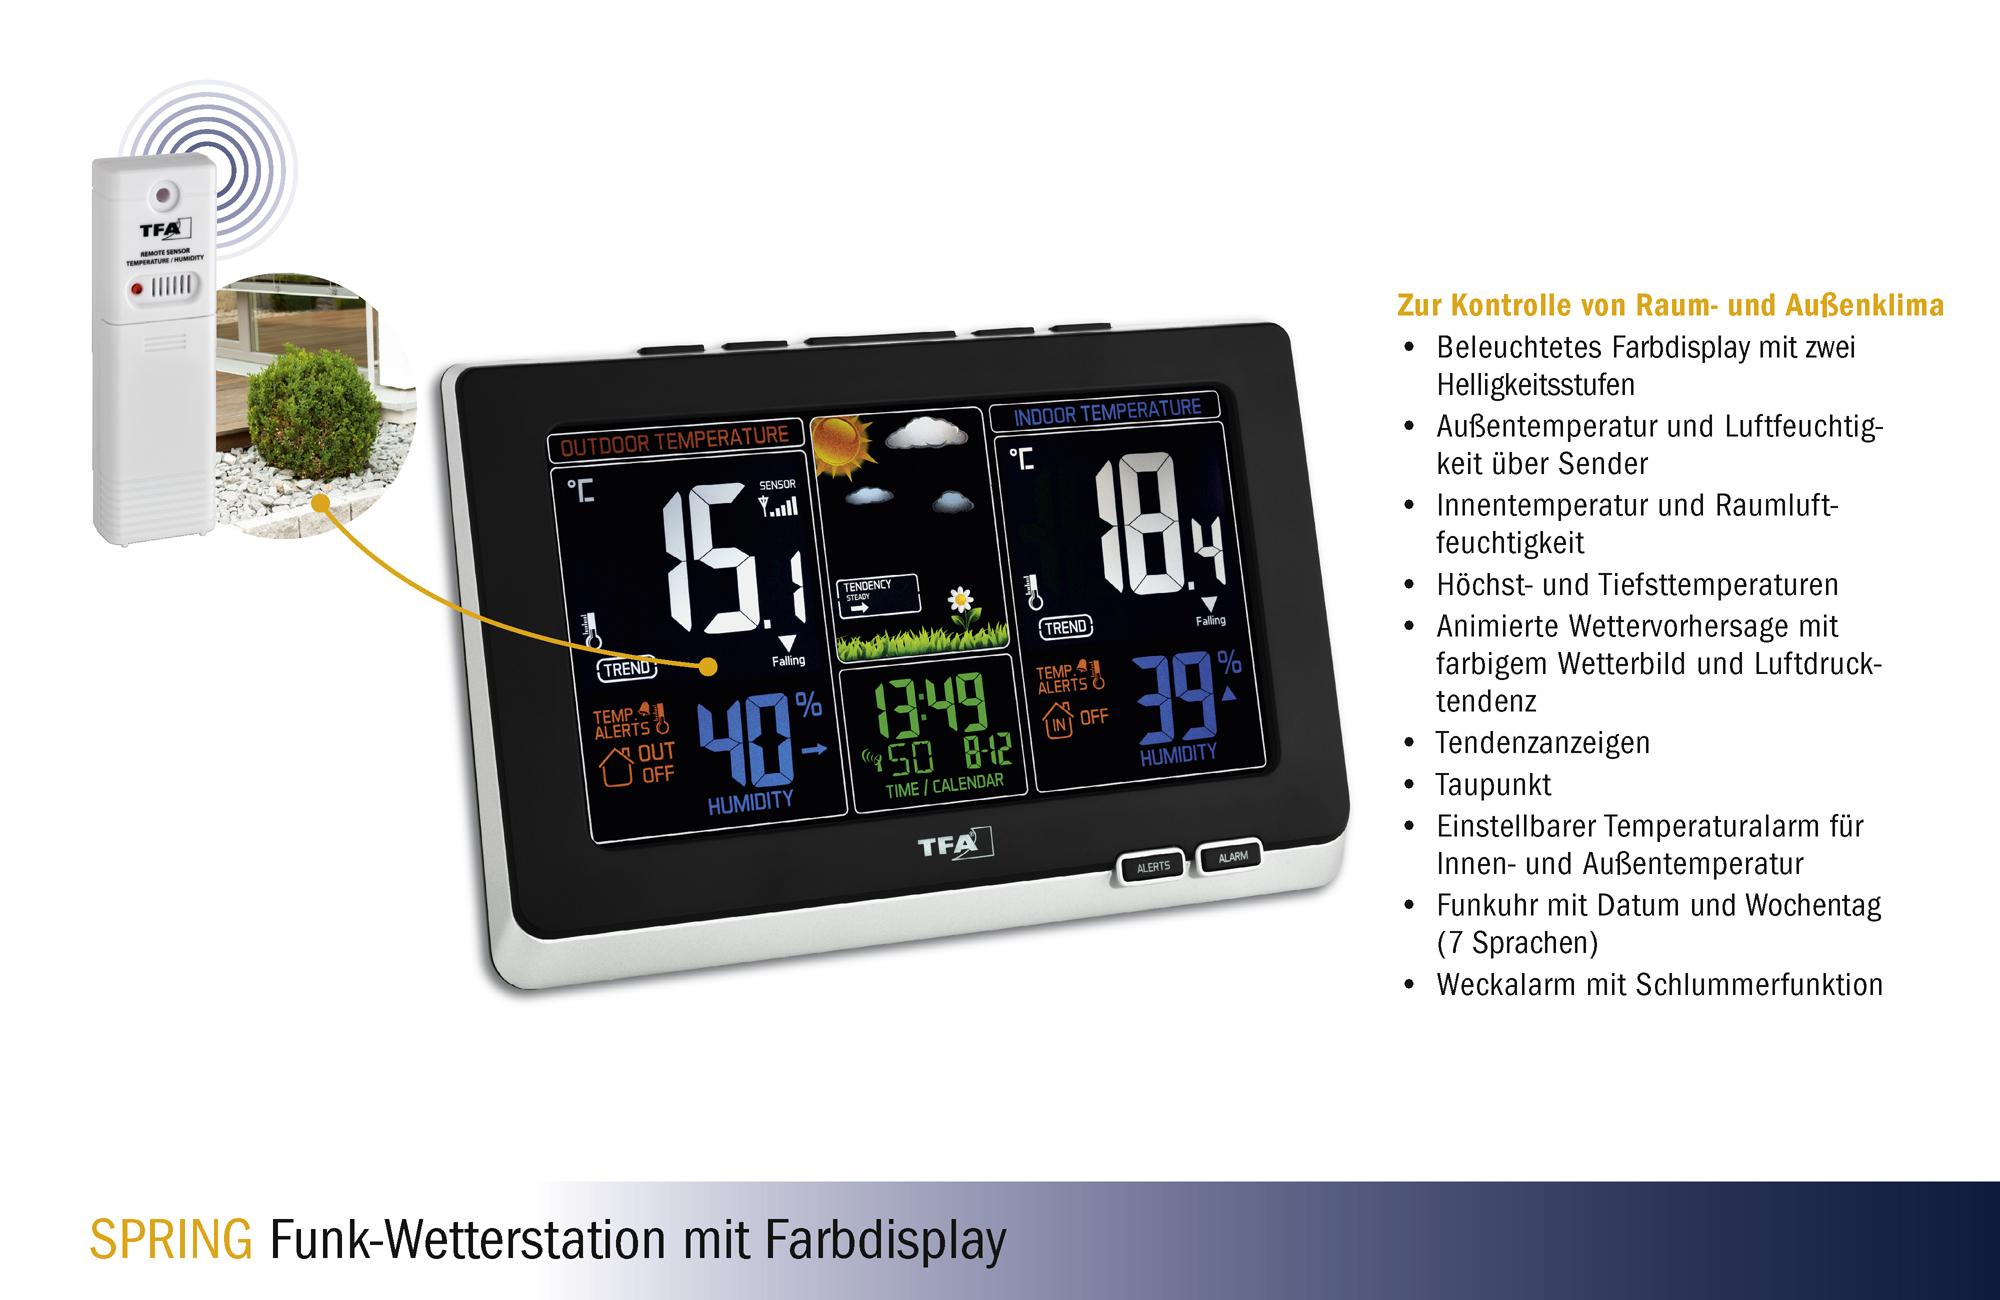 Spring_Funk-Wetterstation_351129_Vorteile.jpg